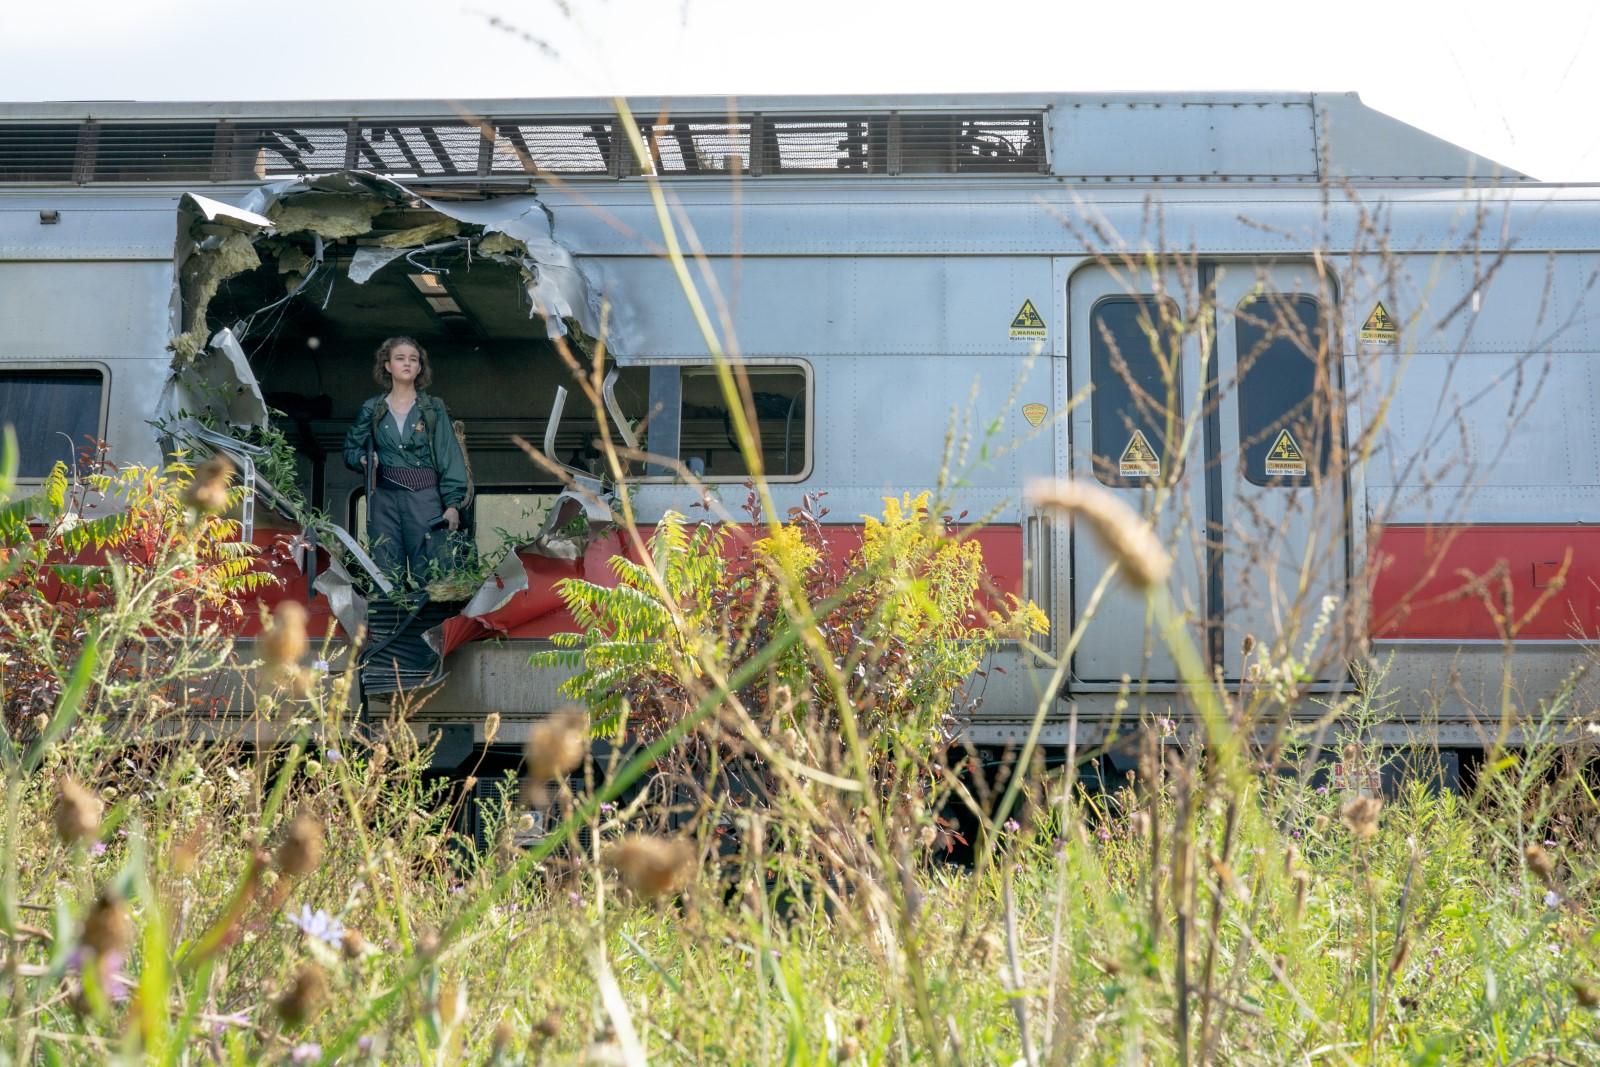 Cena do filme Um Lugar Silencioso - Parte II. A imagem é retangular. Na imagem há um trem cinza com uma linha horizontal em vermelho, na parte esquerda, o trem está com um buraco que leva a parte de dentro. Nesse buraco está Regan, que usa uma blusa verde e uma calça cinza, ela olha para frente. O chão onde está o trem tem mato alto.